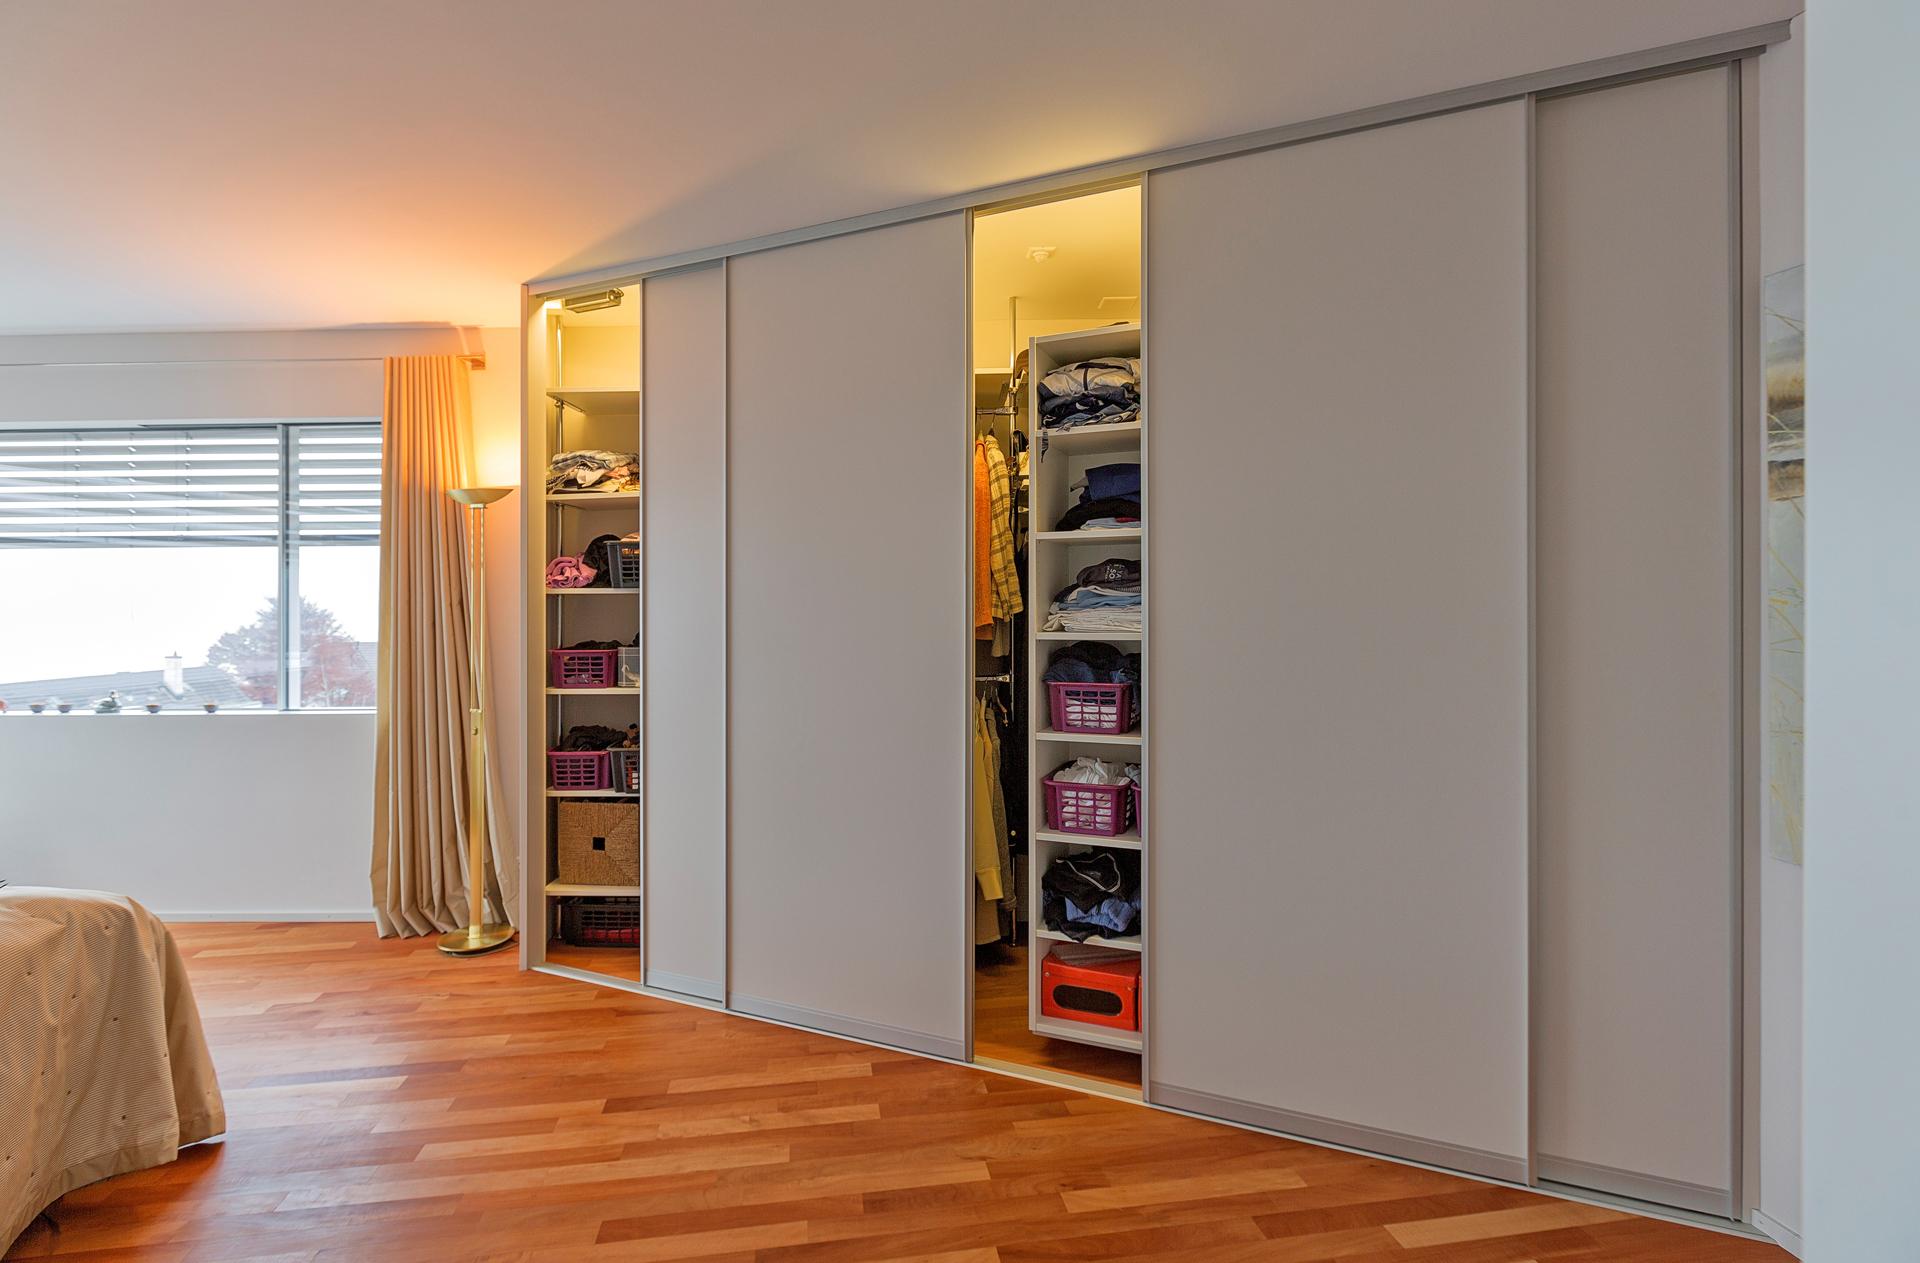 charmant raumhoher kleiderschrank zeitgen ssisch die. Black Bedroom Furniture Sets. Home Design Ideas